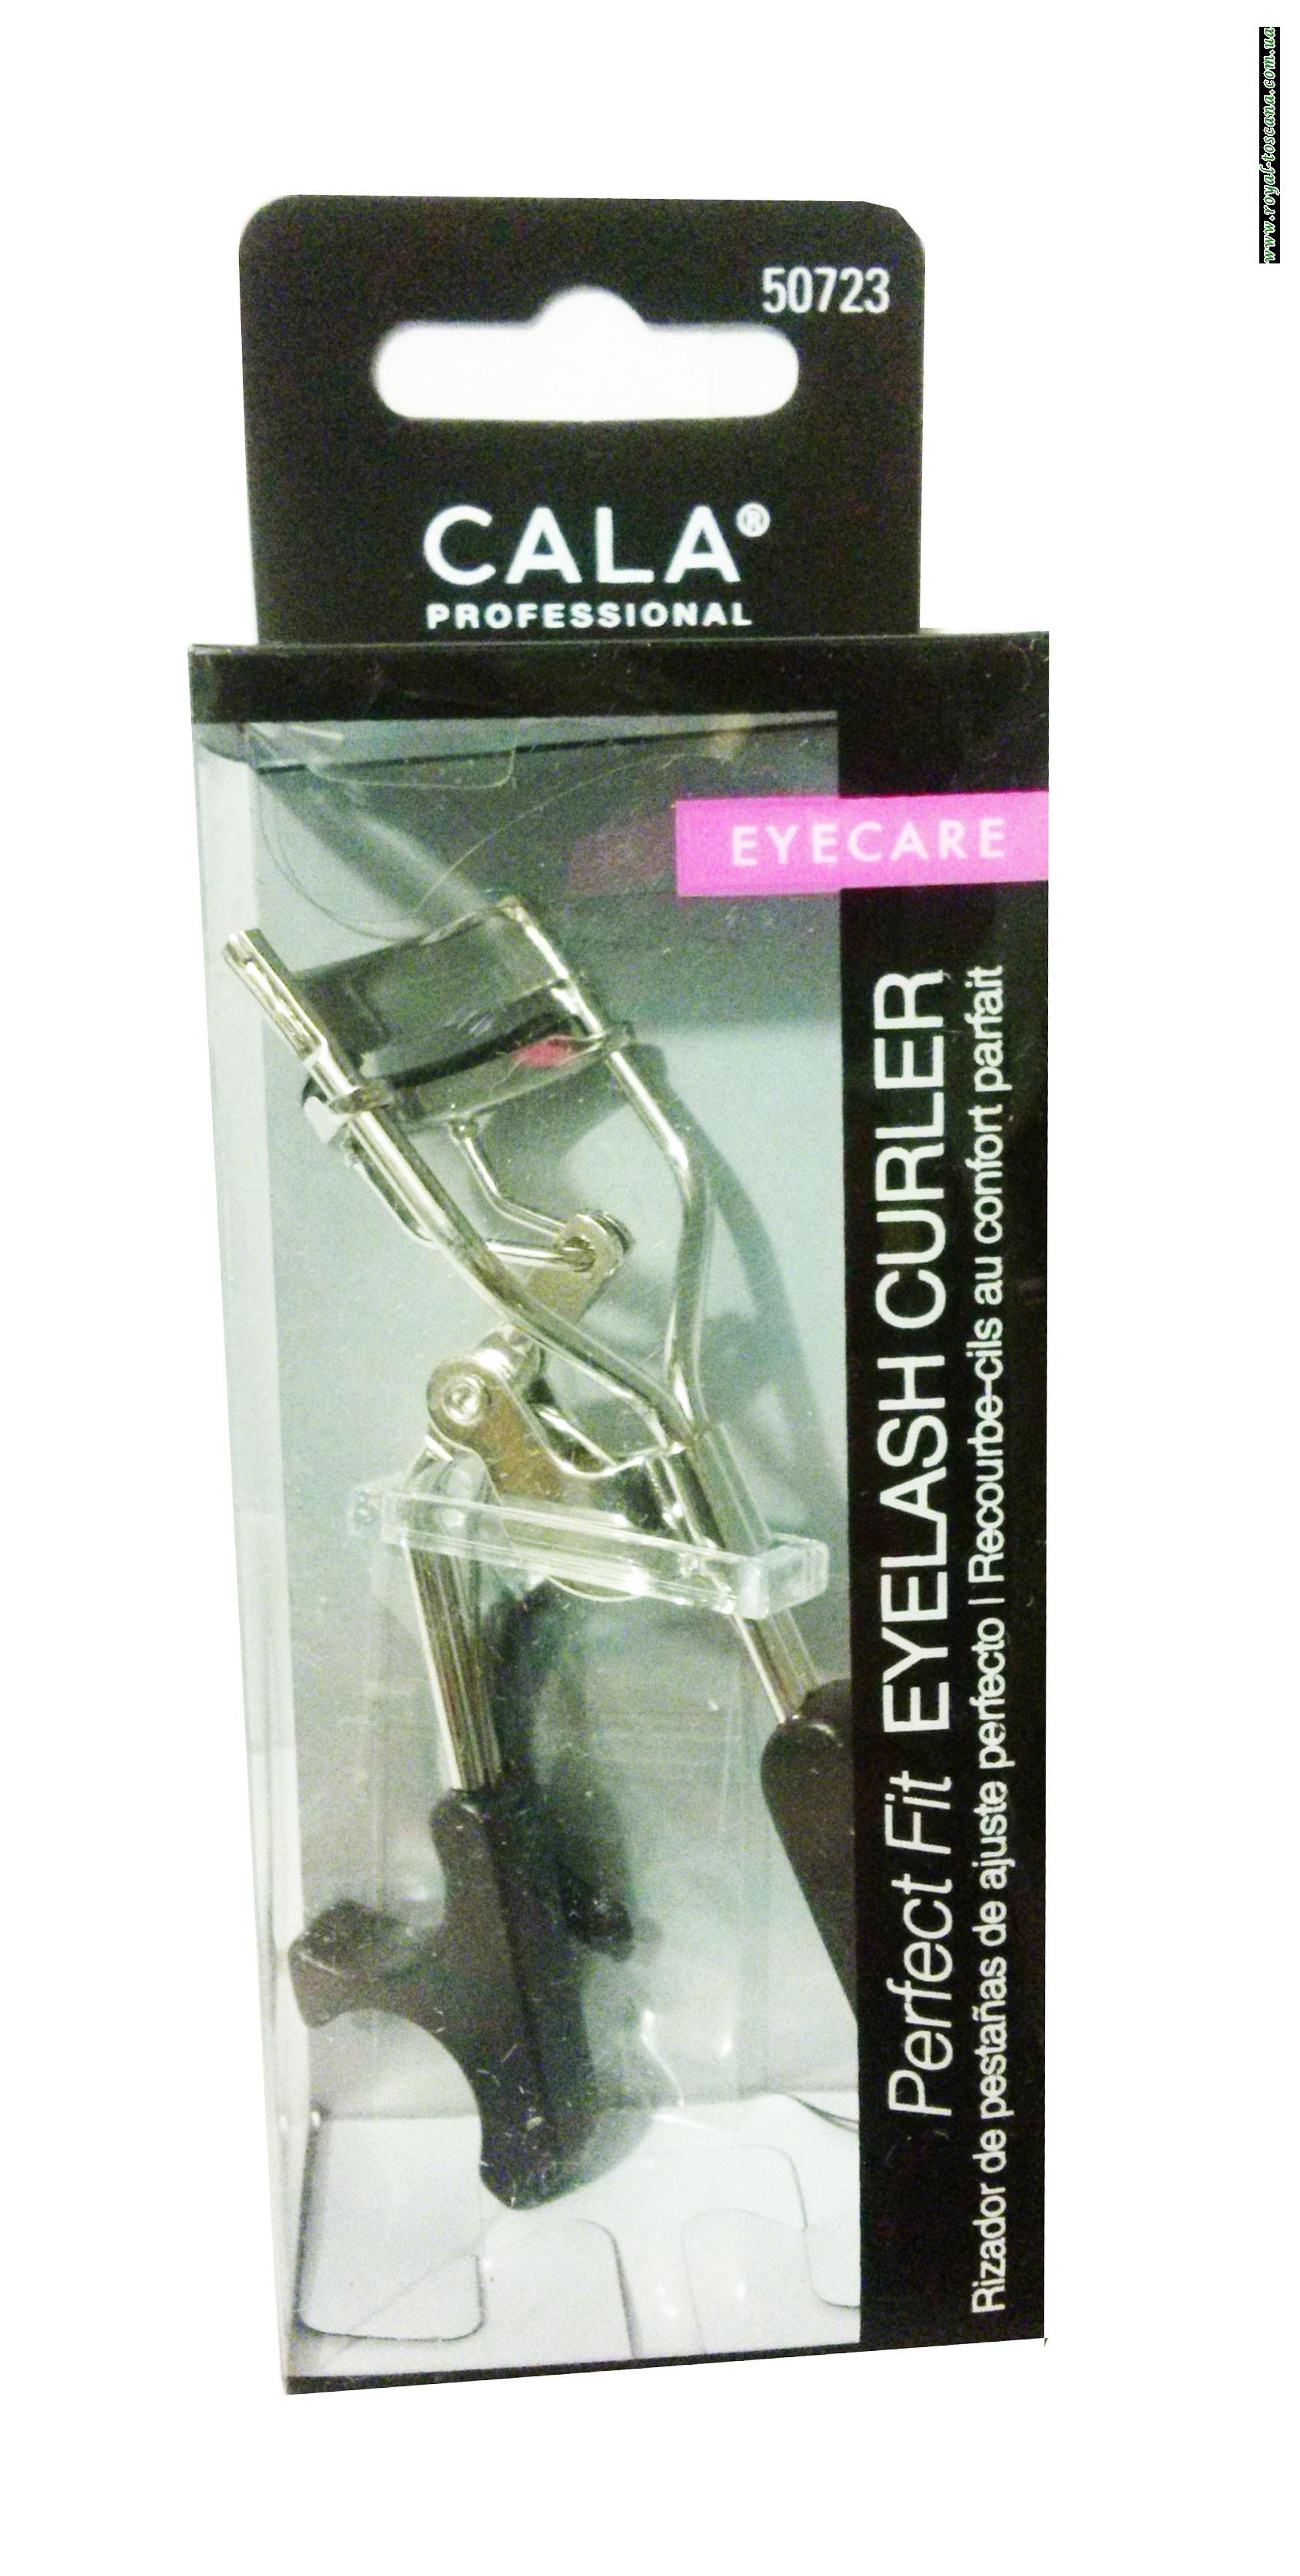 Щипцы для завивки  ресниц Cala Perfect Fit Eyelash Curler